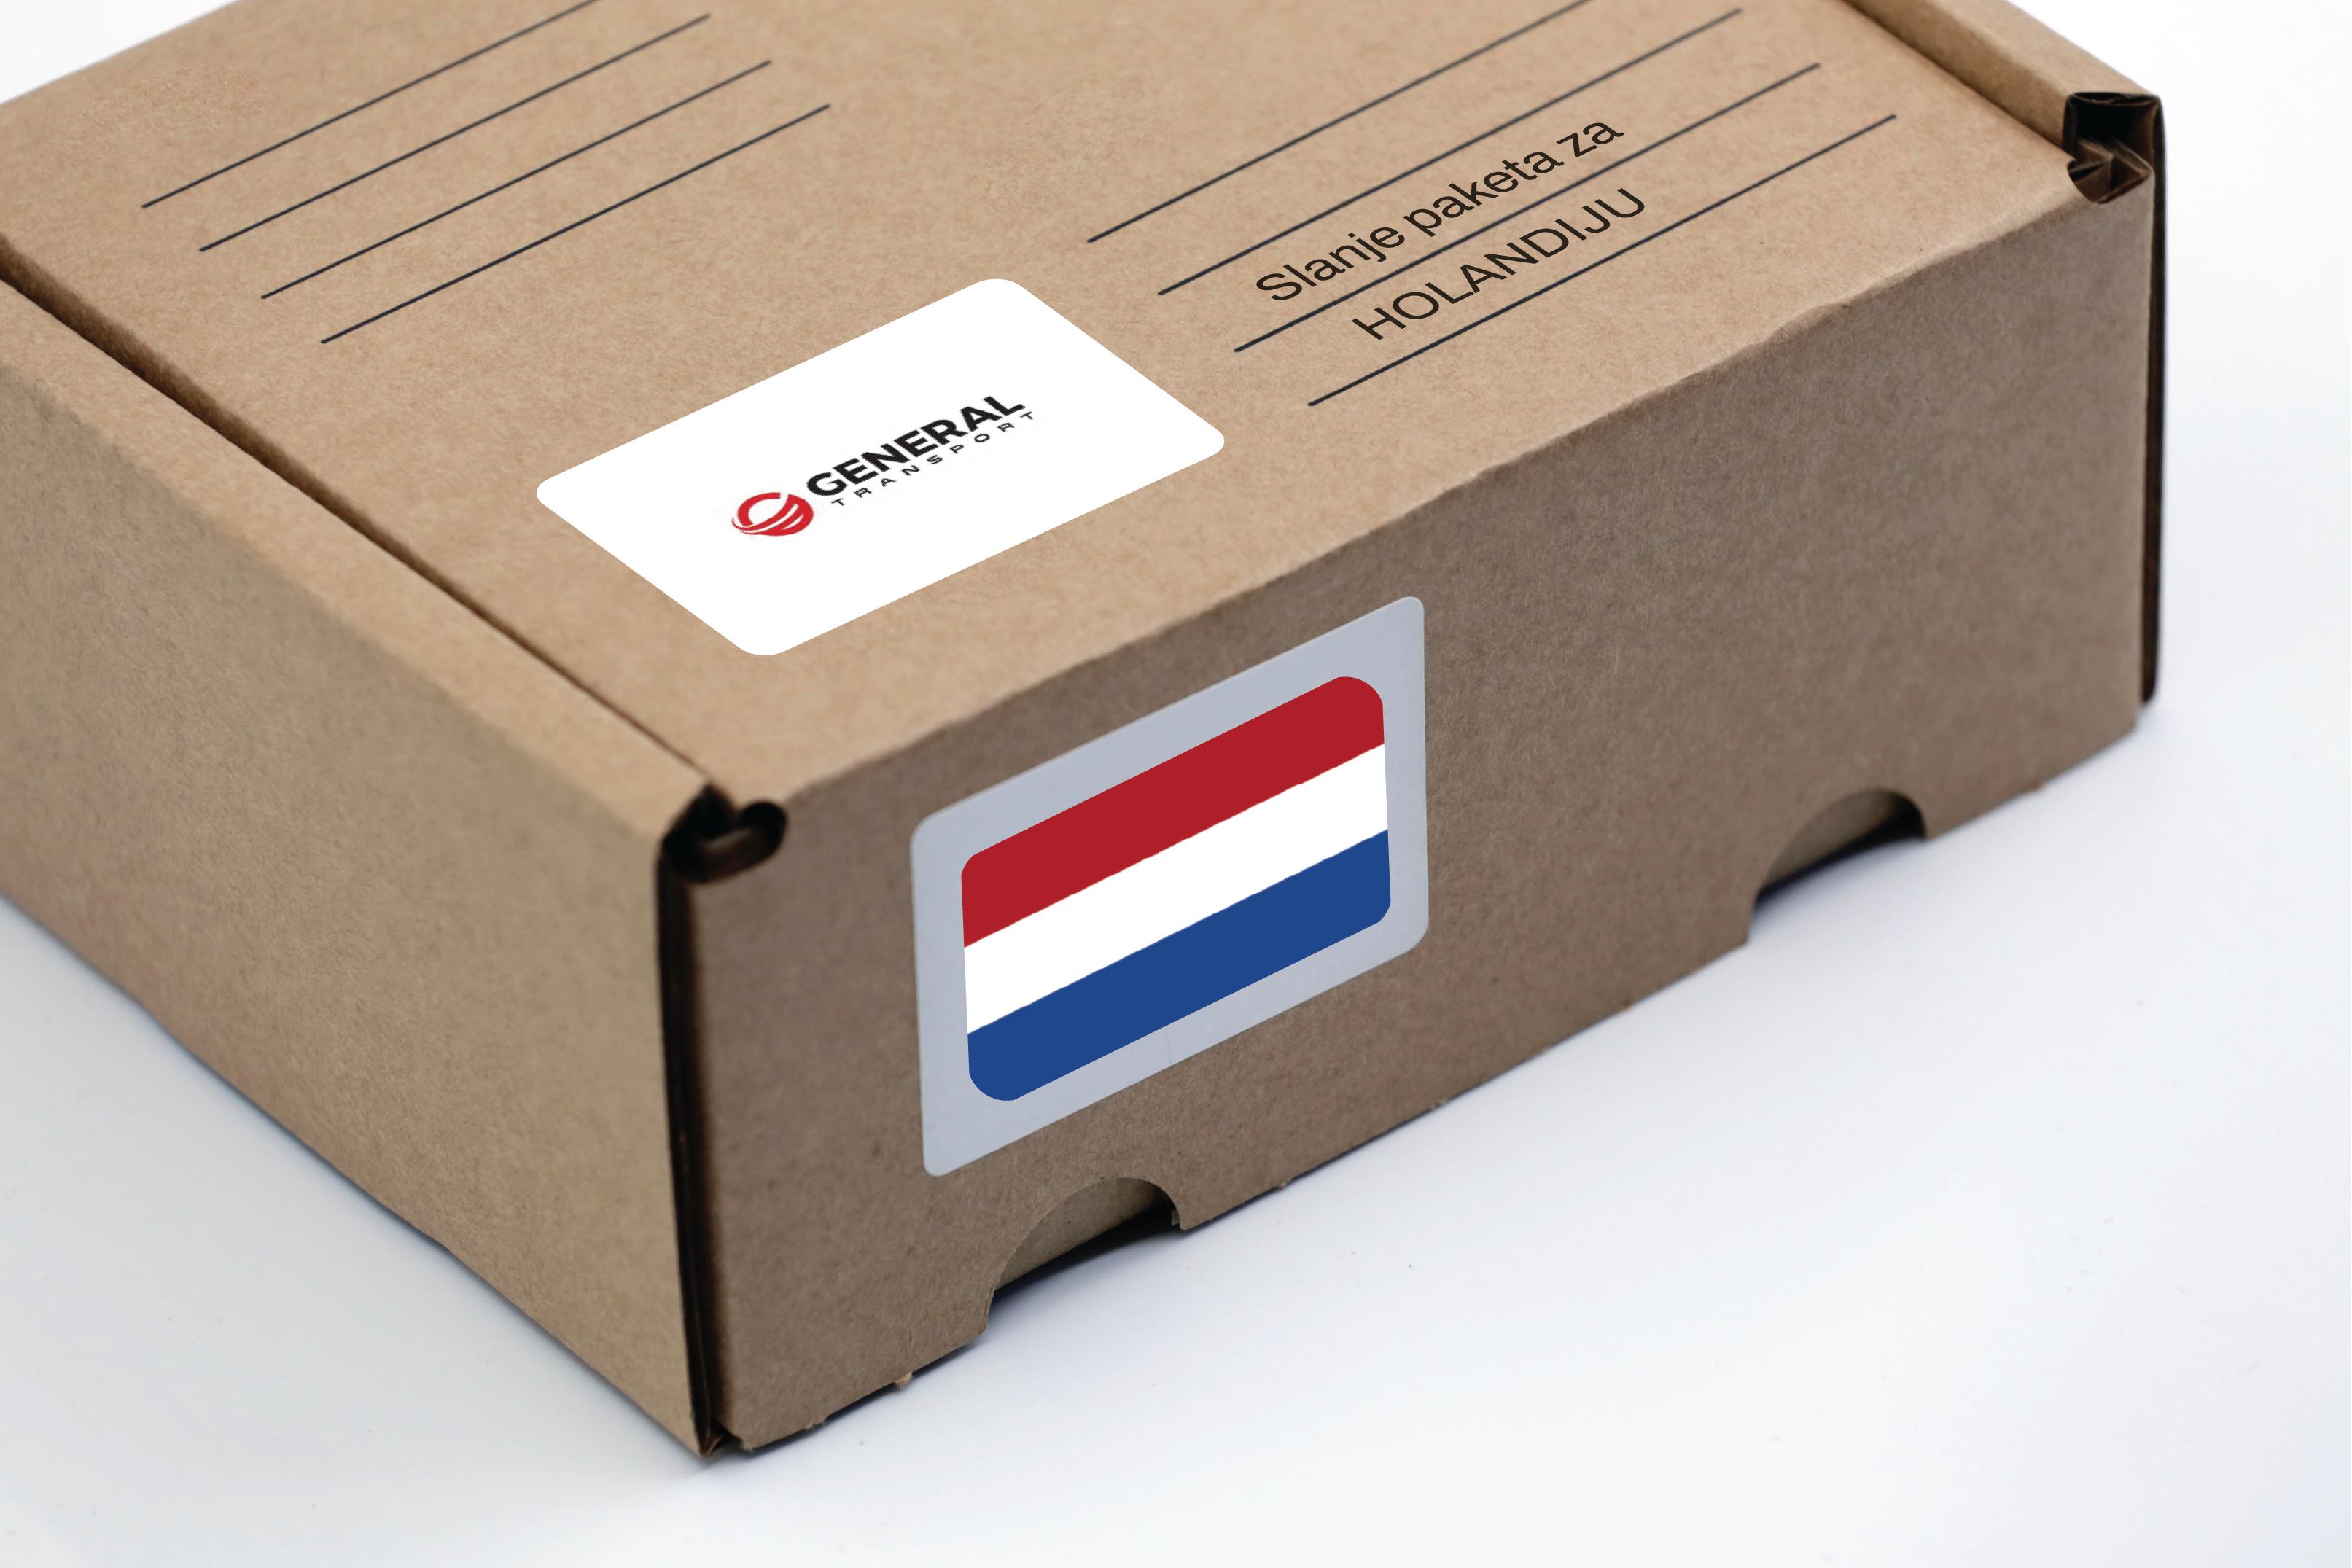 Slanje paketa za Holandiju